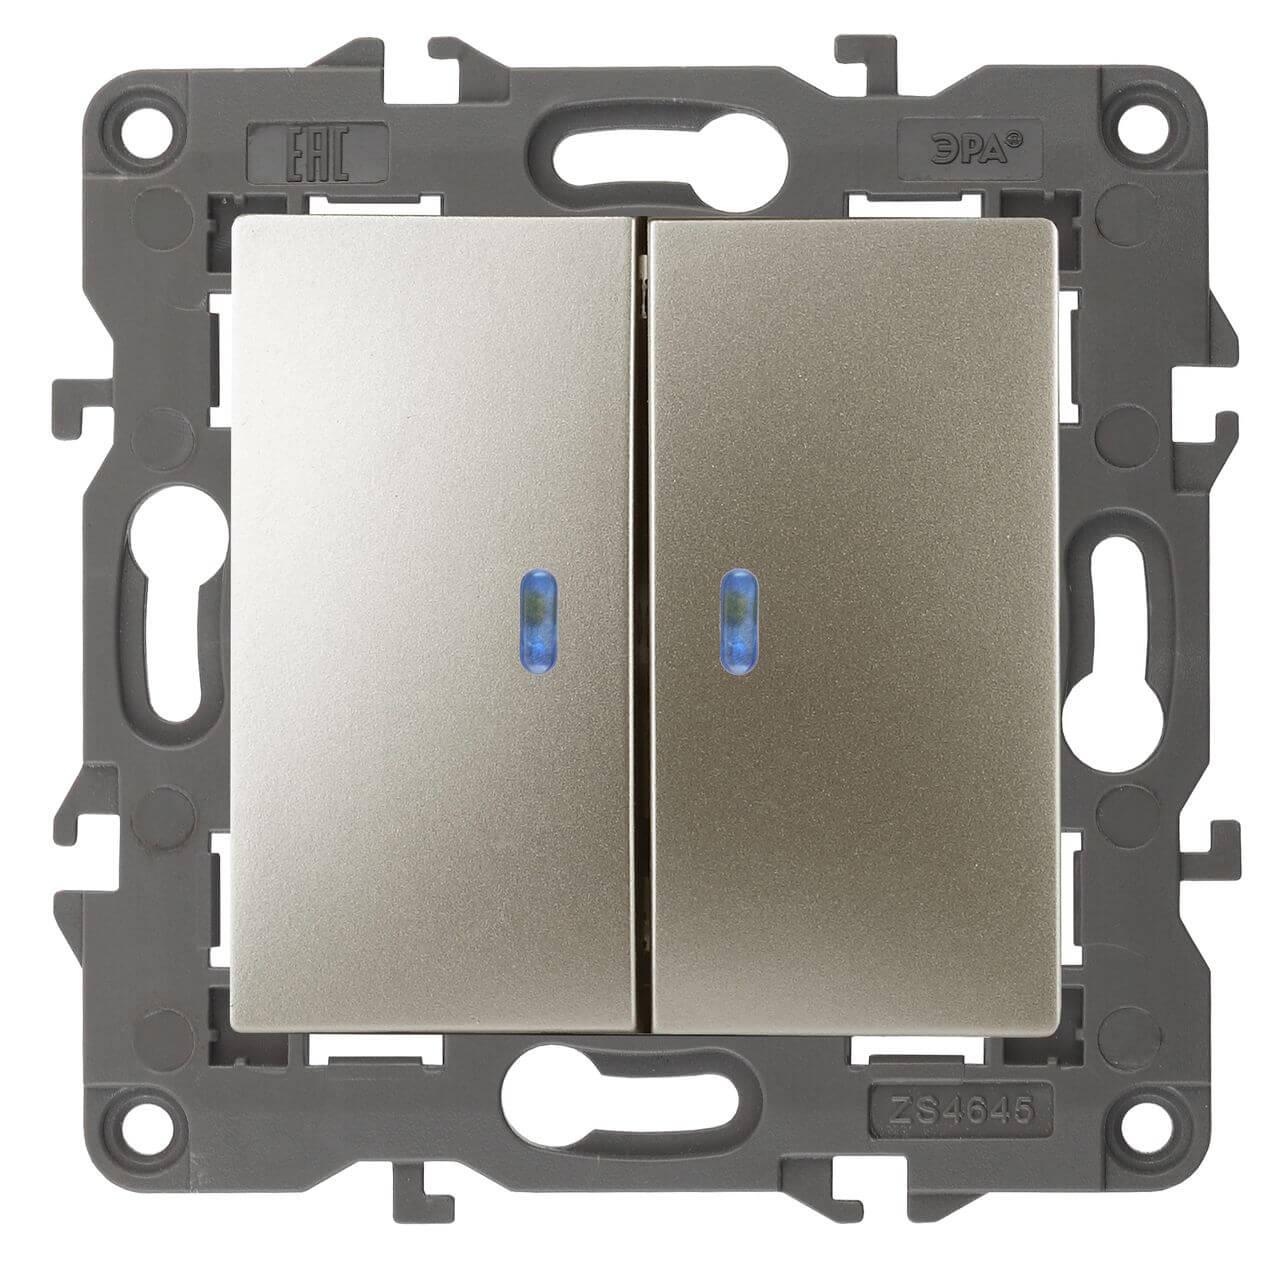 Выключатель двухклавишный с подсветкой ЭРА Elegance 10AX 250V 14-1105-04 цены